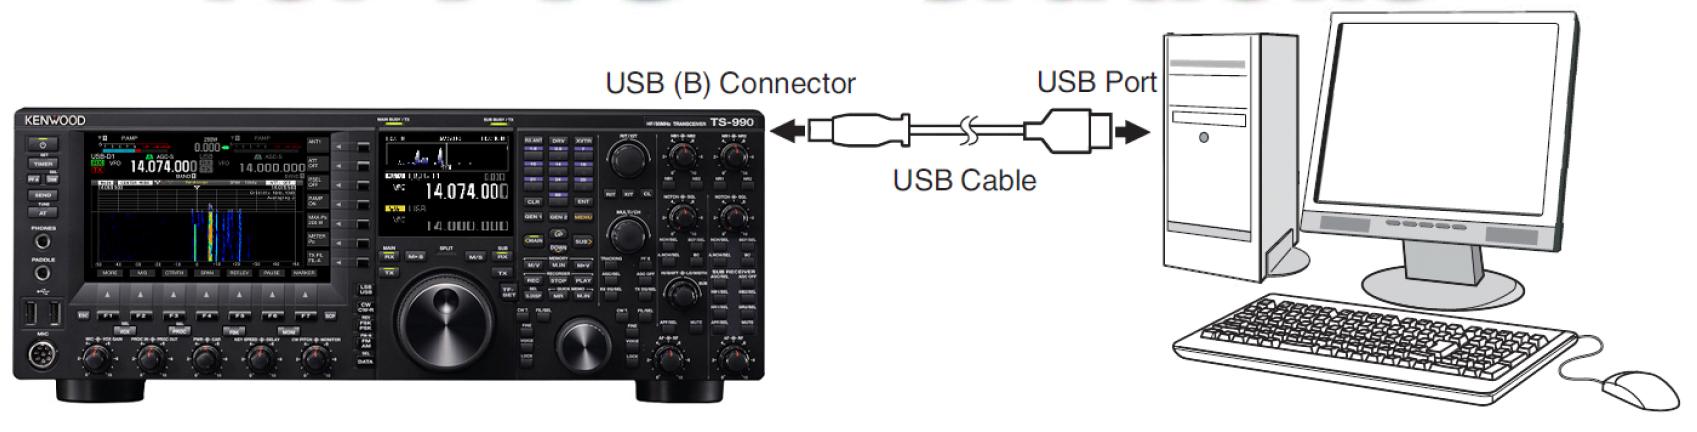 Come configurare Kenwood TS-990S con WSJT-X per la modalità FT8